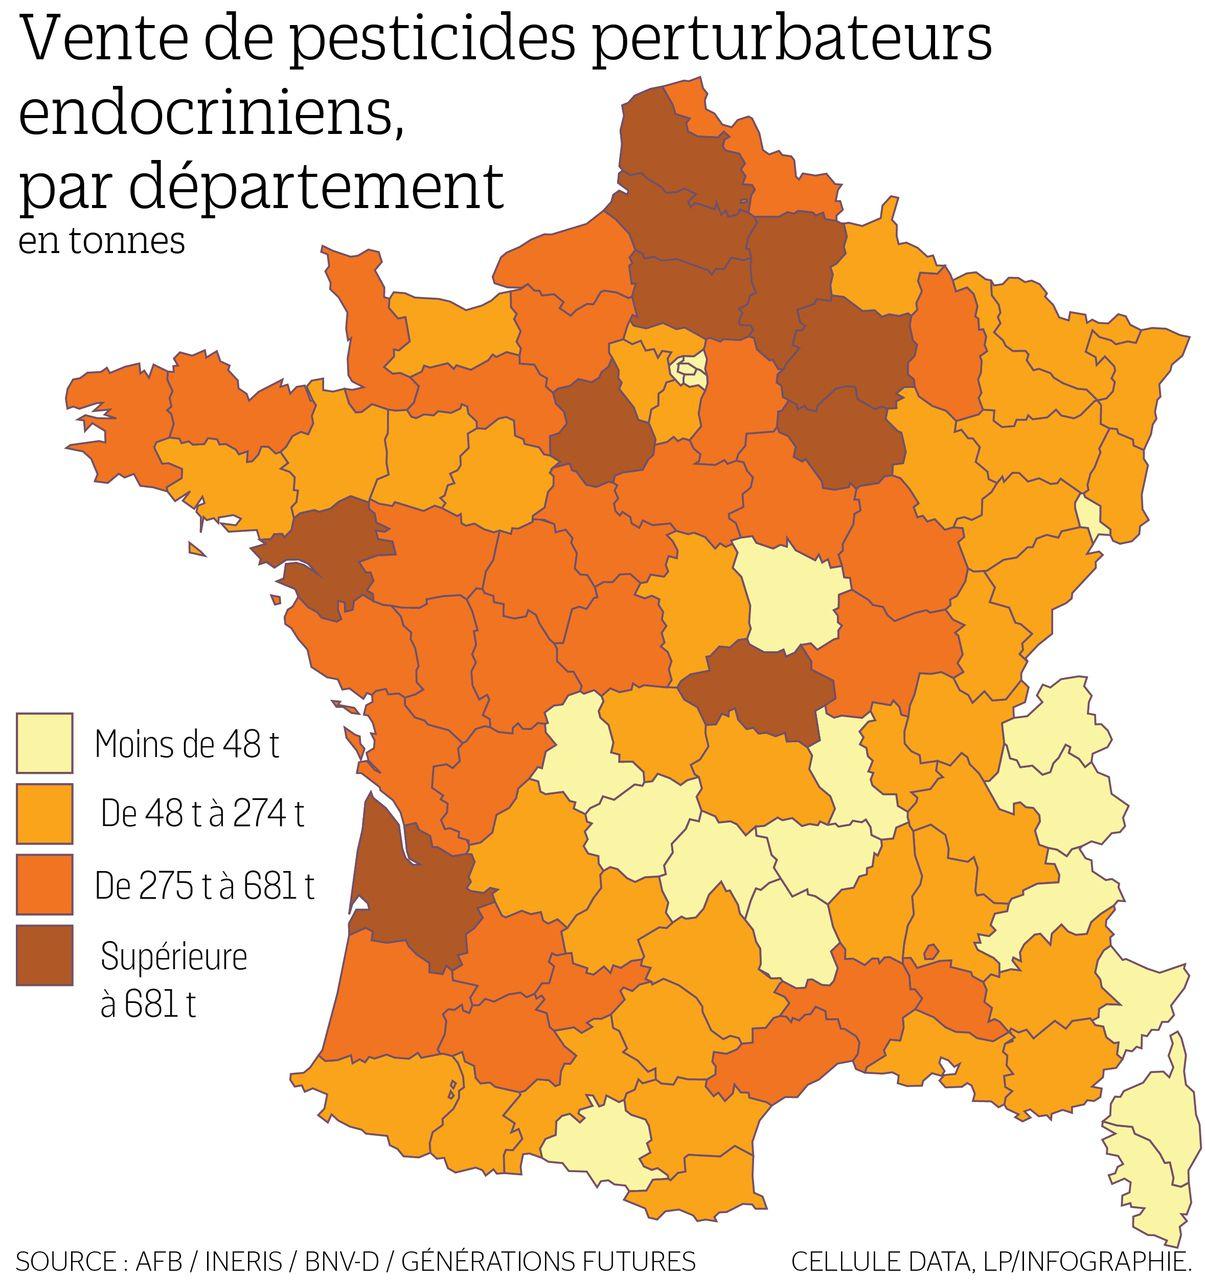 La Carte De France Des Départements Les Plus Consommateurs destiné Carte Departements Francais